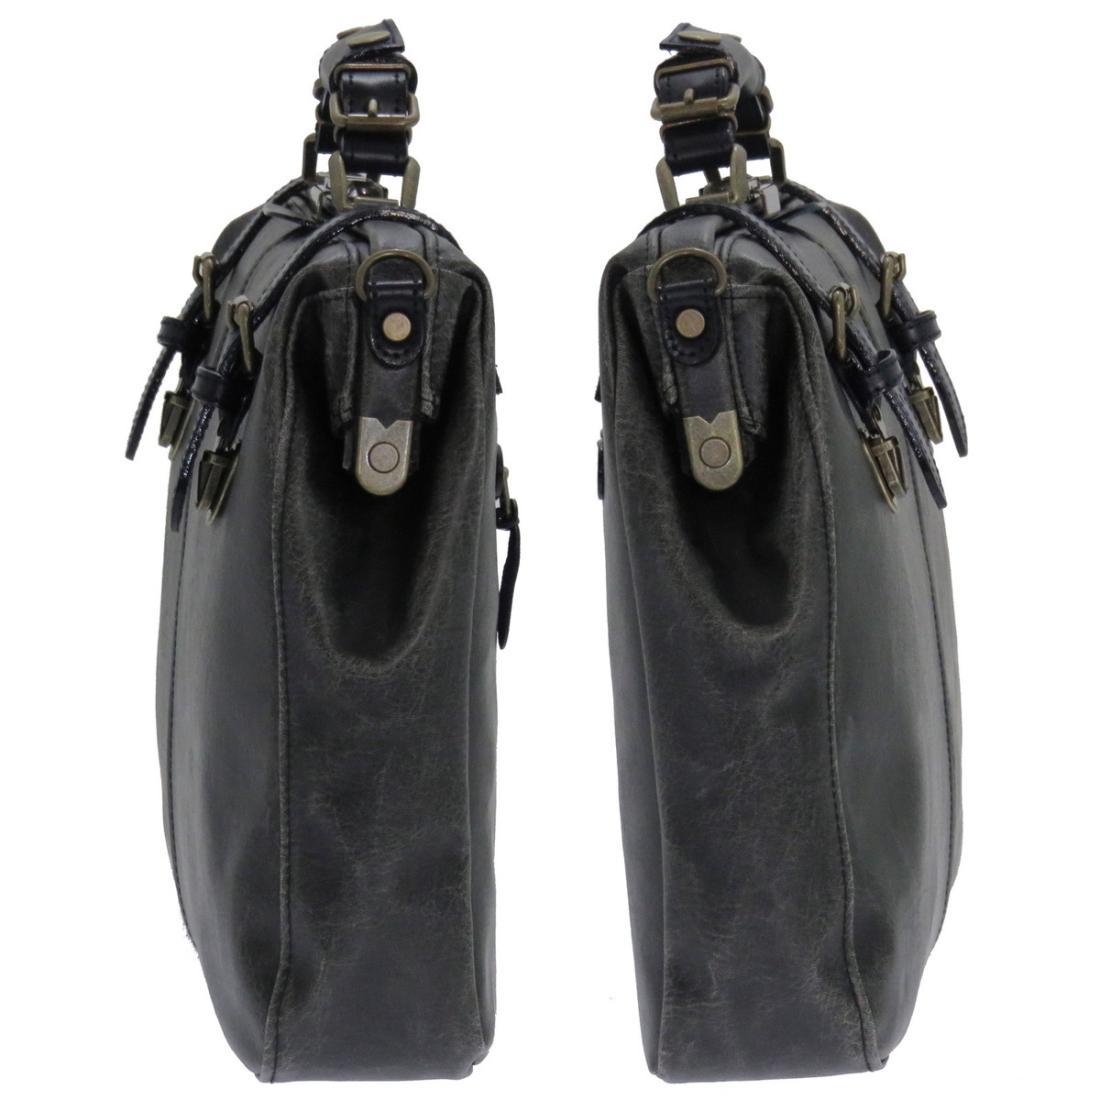 おしゃれ デザイン 日本 革 ビジネス 通勤カバン 通勤 バッグ 鞄レトロダレスビジネスバッグ ブラック 日本製hrCsdQt